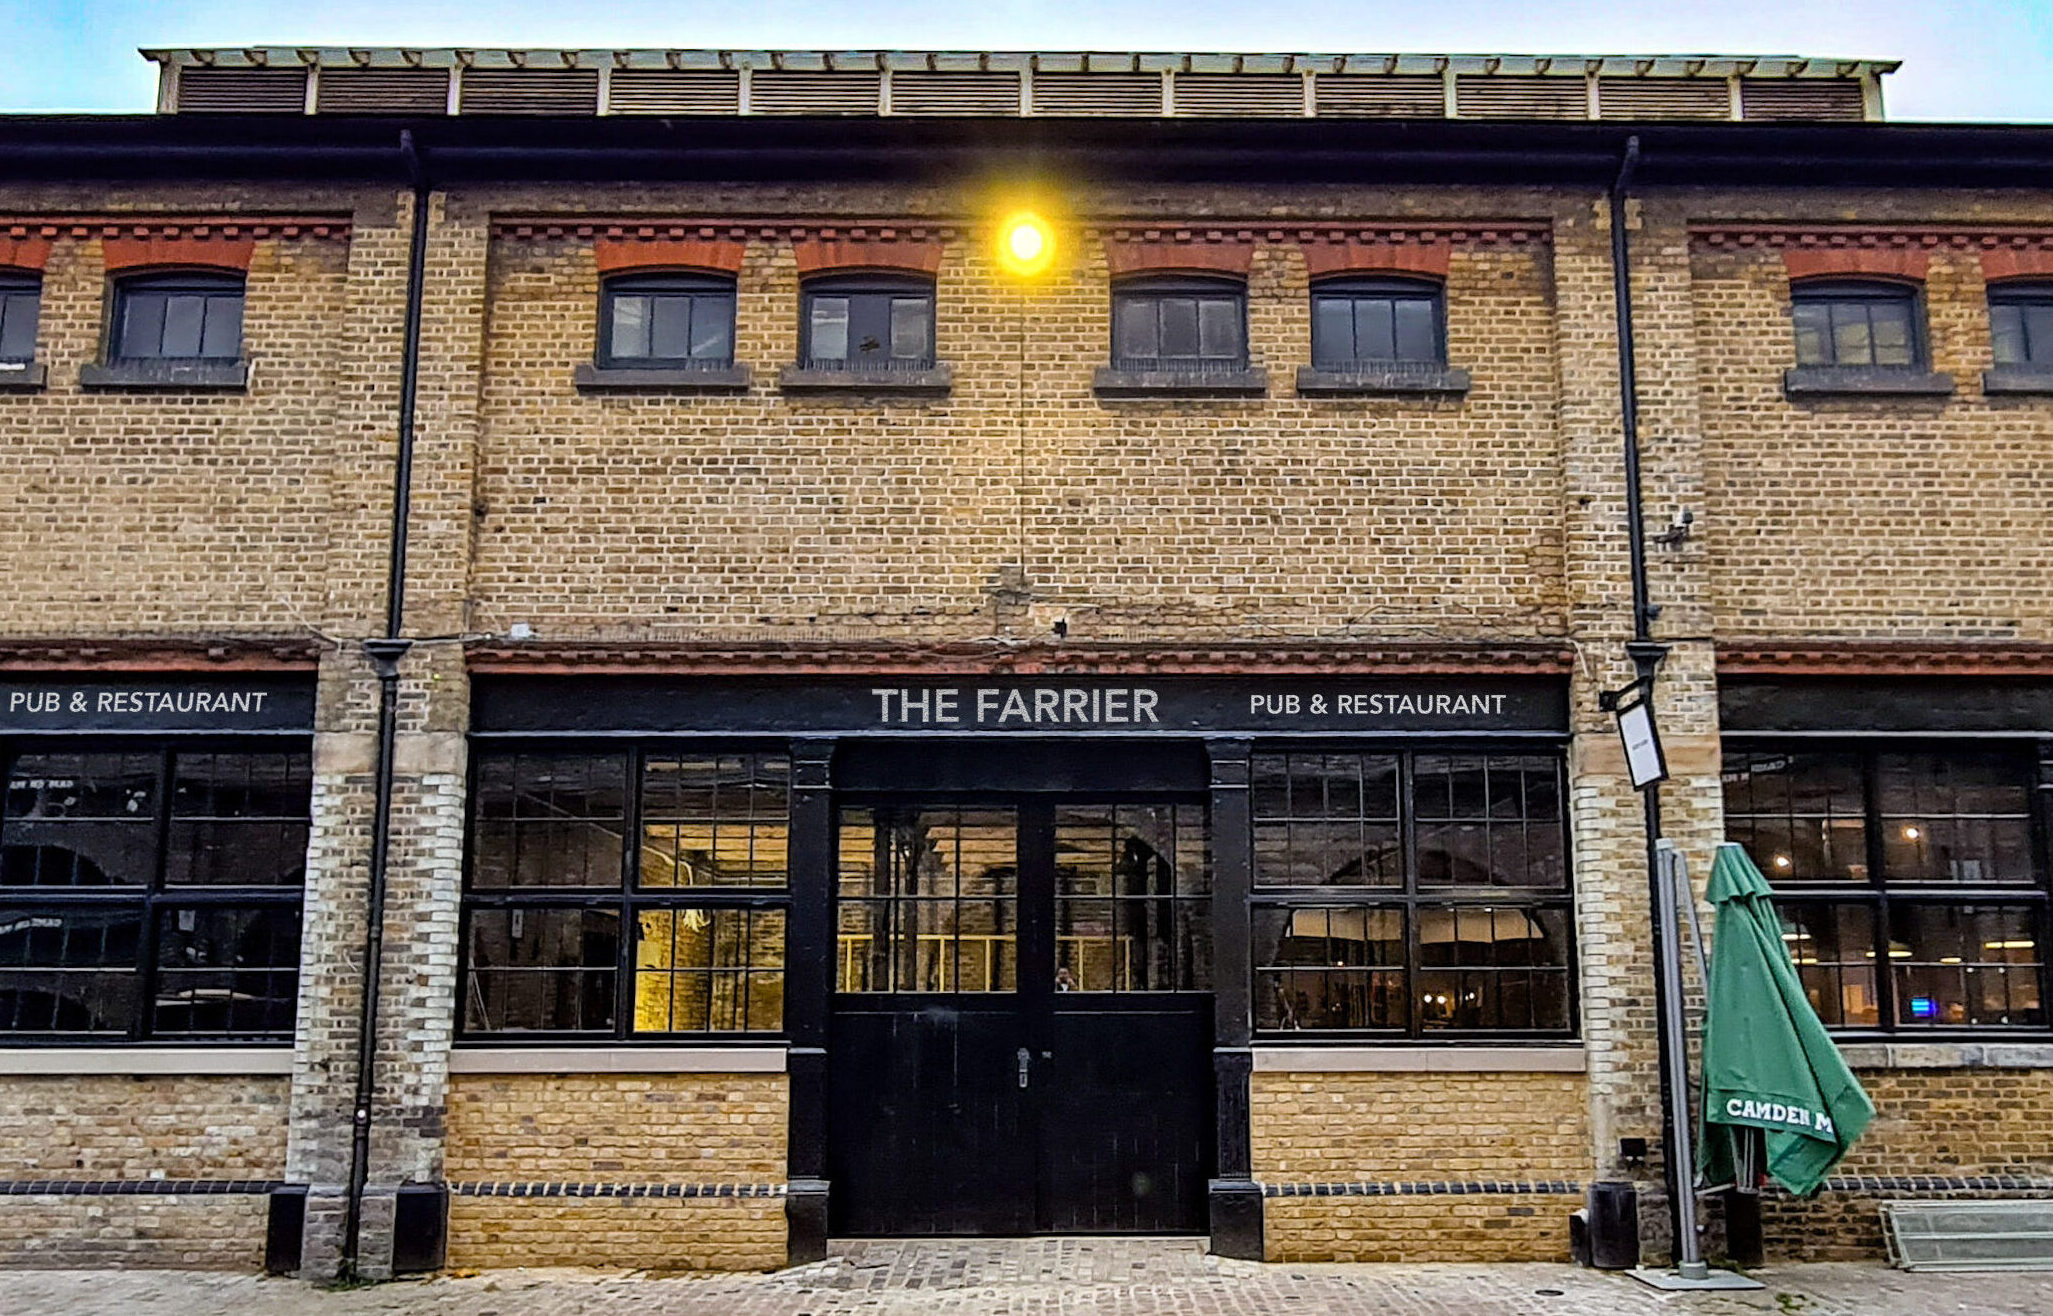 The-Farrier-Pub-Restaurant-2-e1617810837782